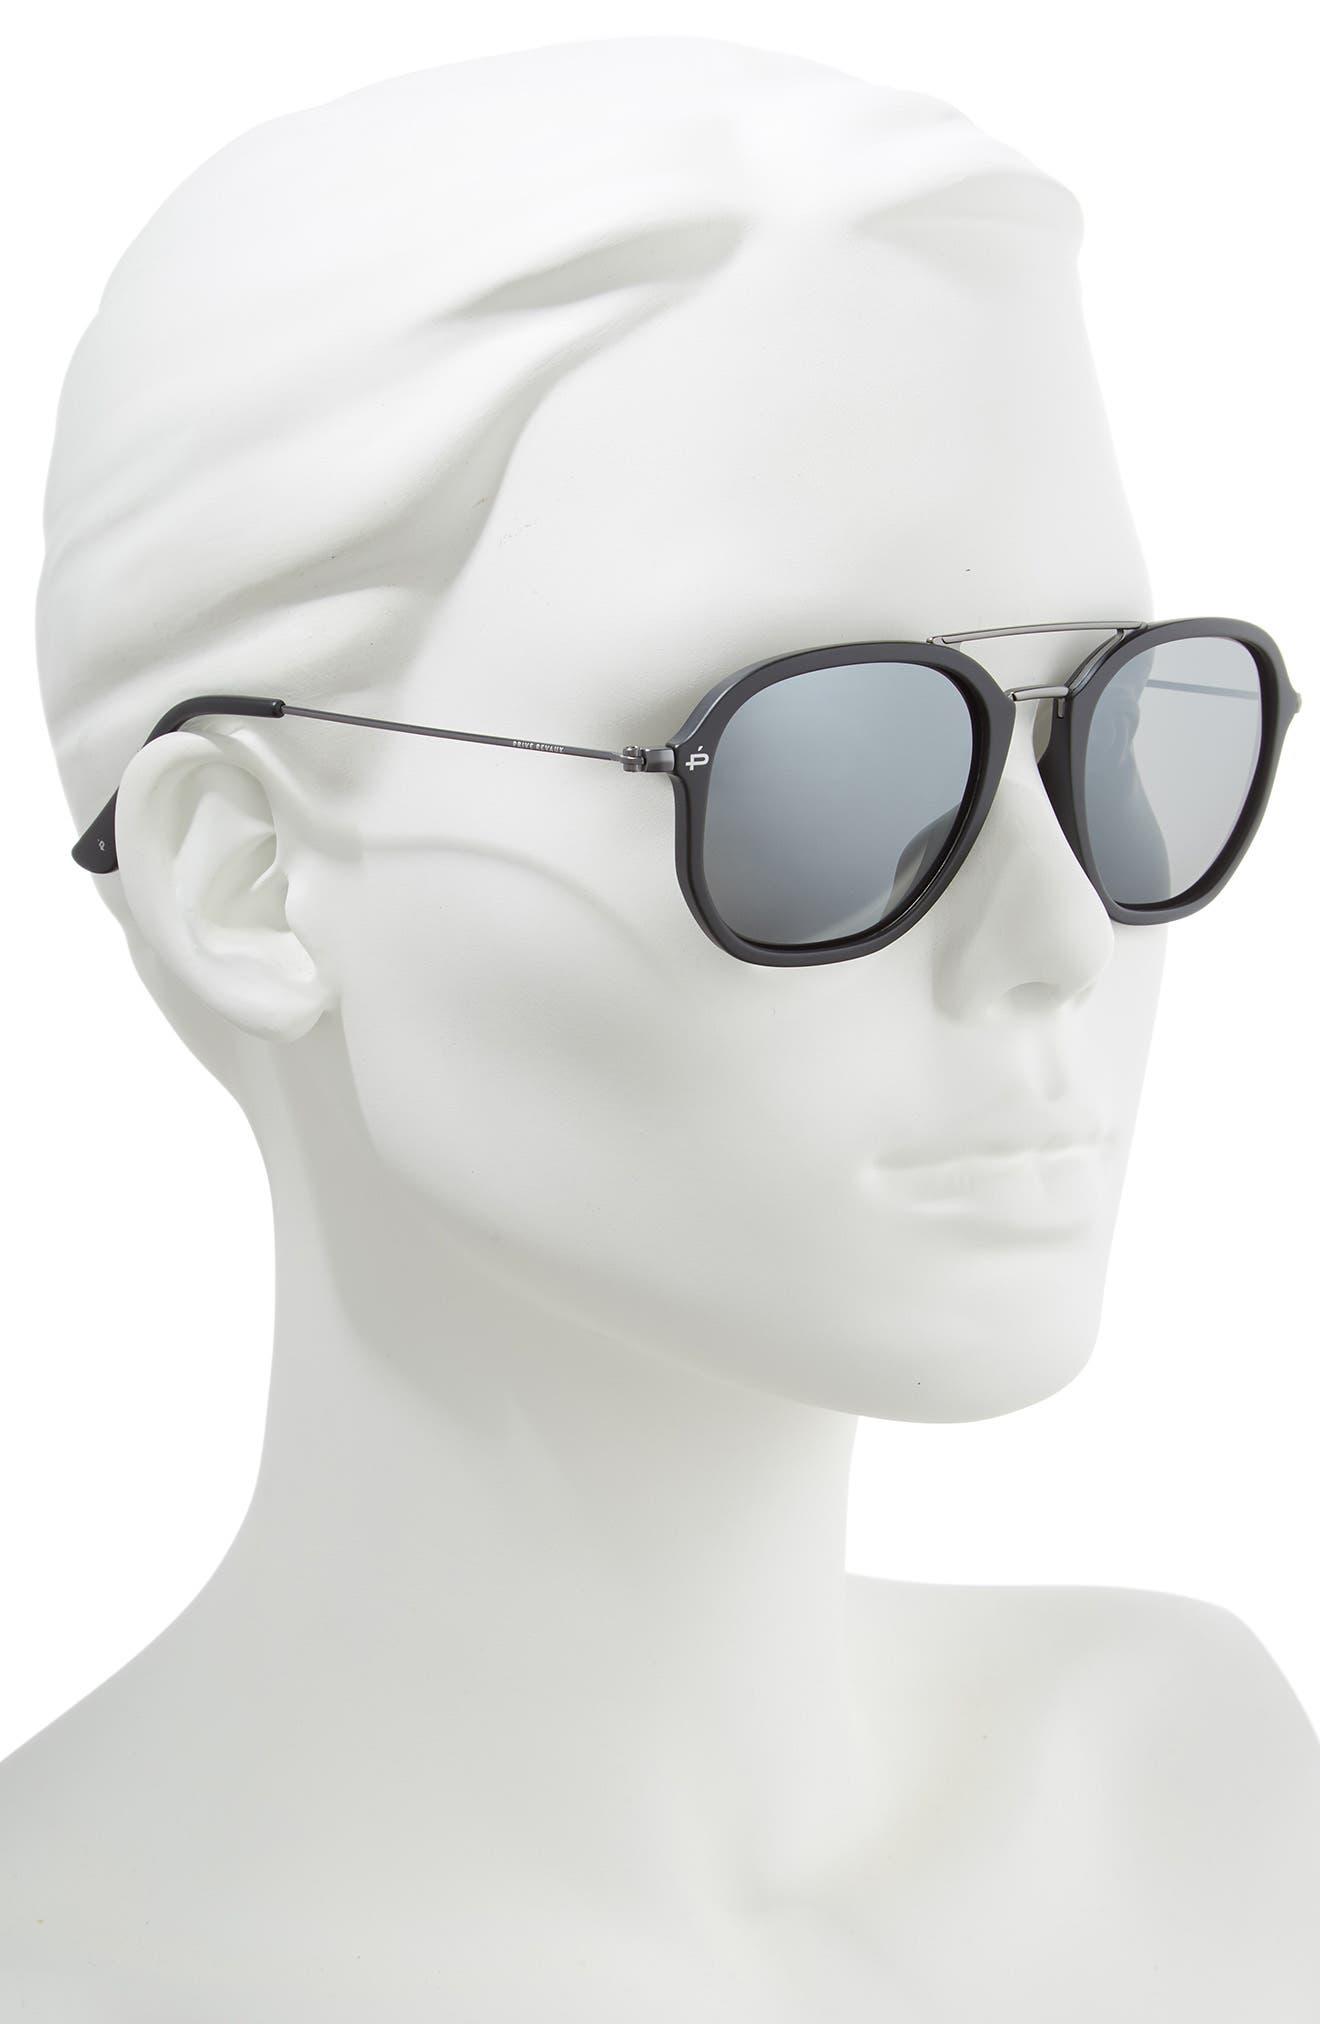 Privé Revaux The Dale Polarized 52mm Sunglasses,                             Alternate thumbnail 2, color,                             001